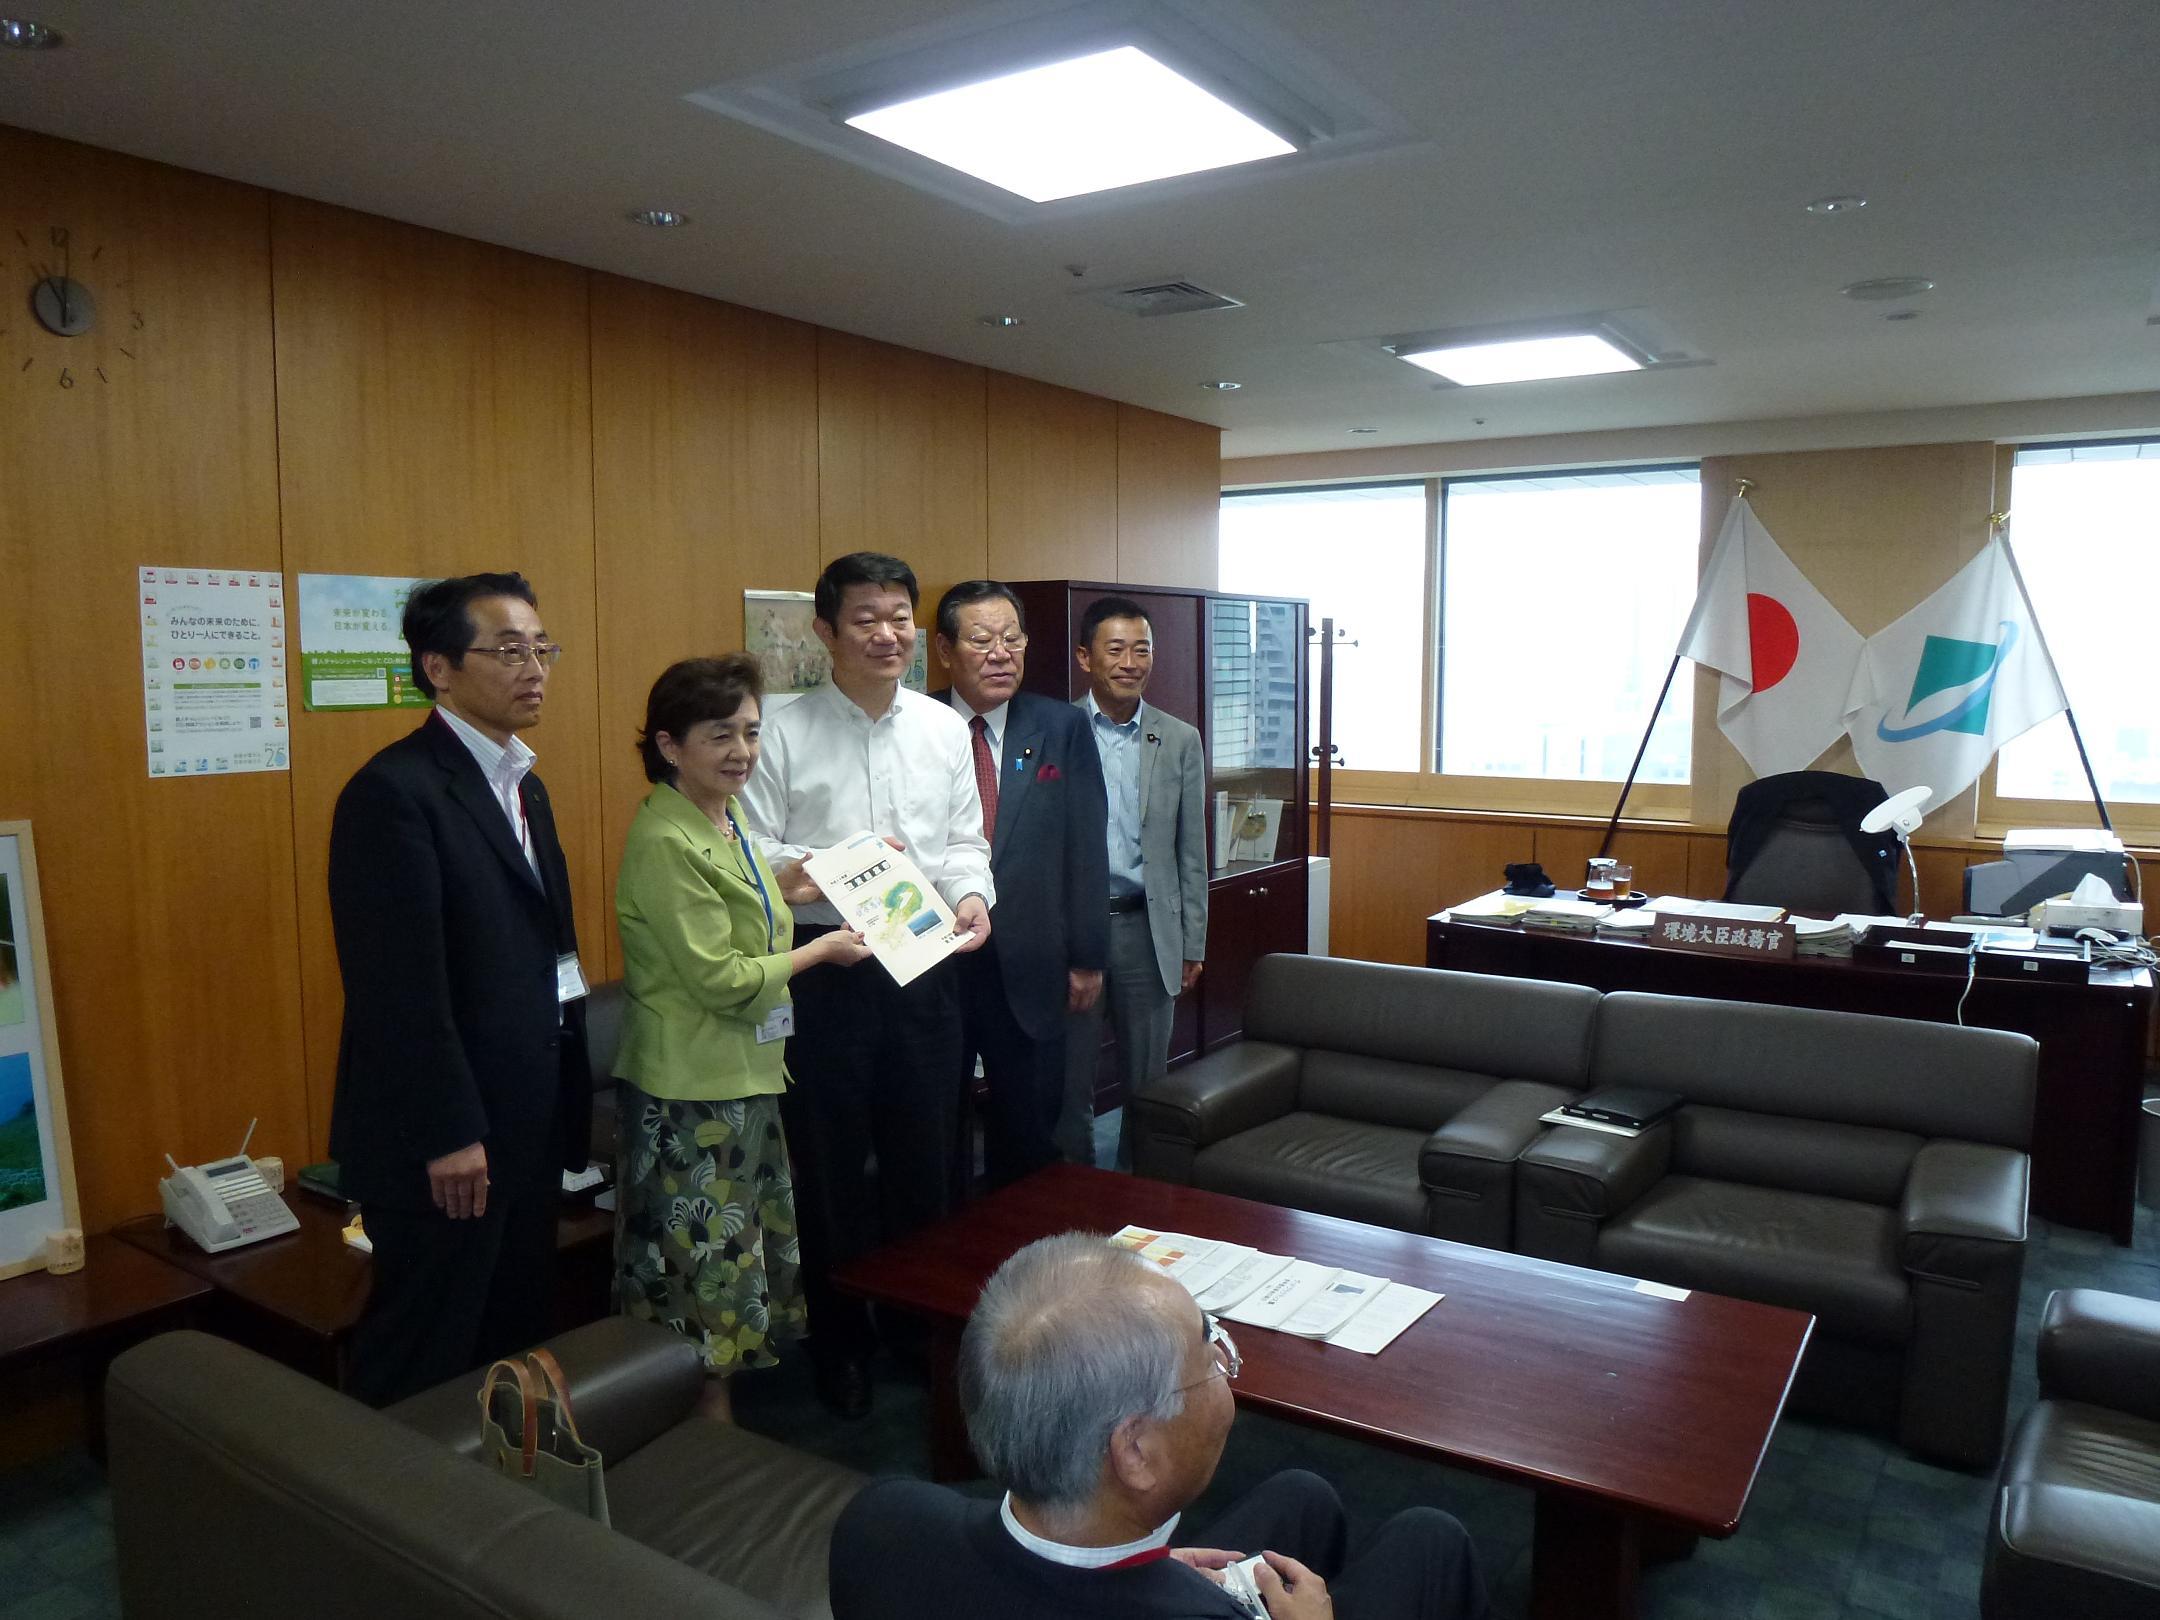 滋賀県知事、環境省要請